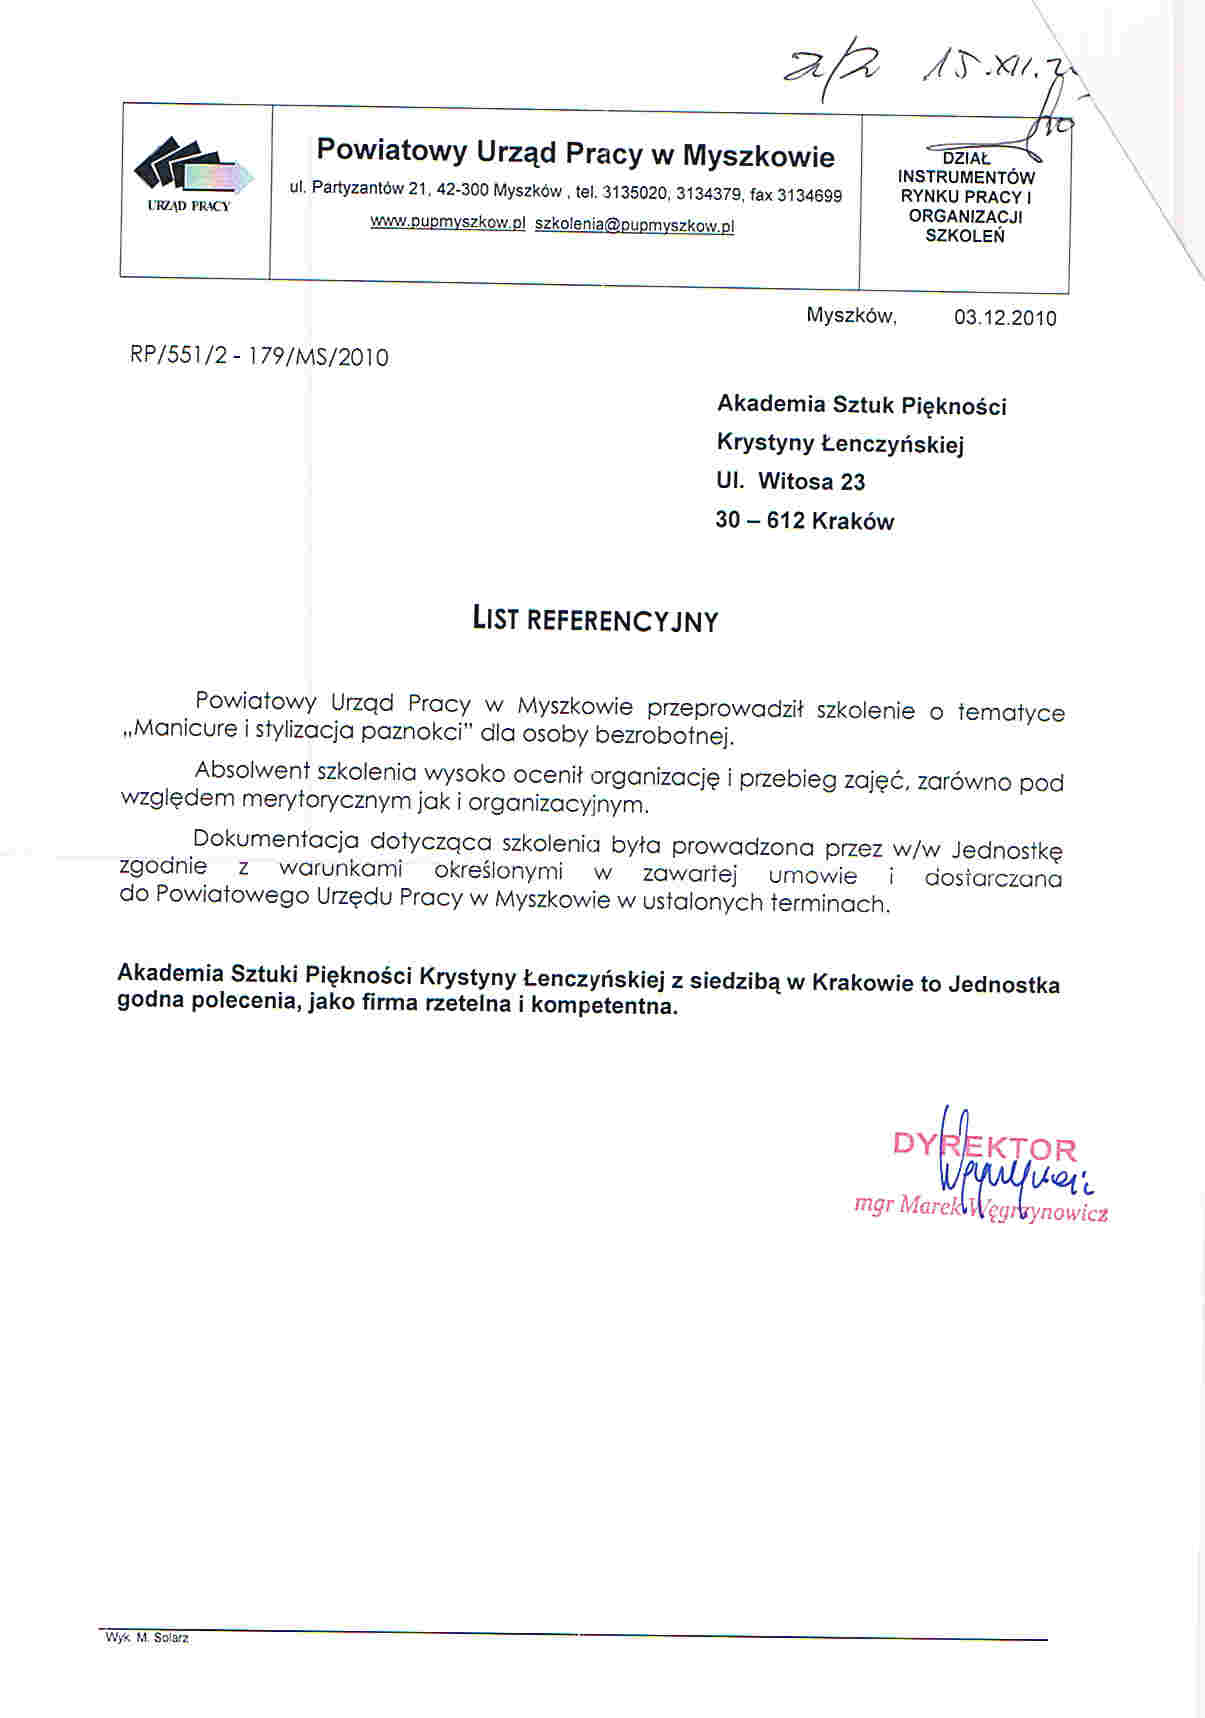 Powiatowy Urzad Pracy w Myszkowie-Myszków